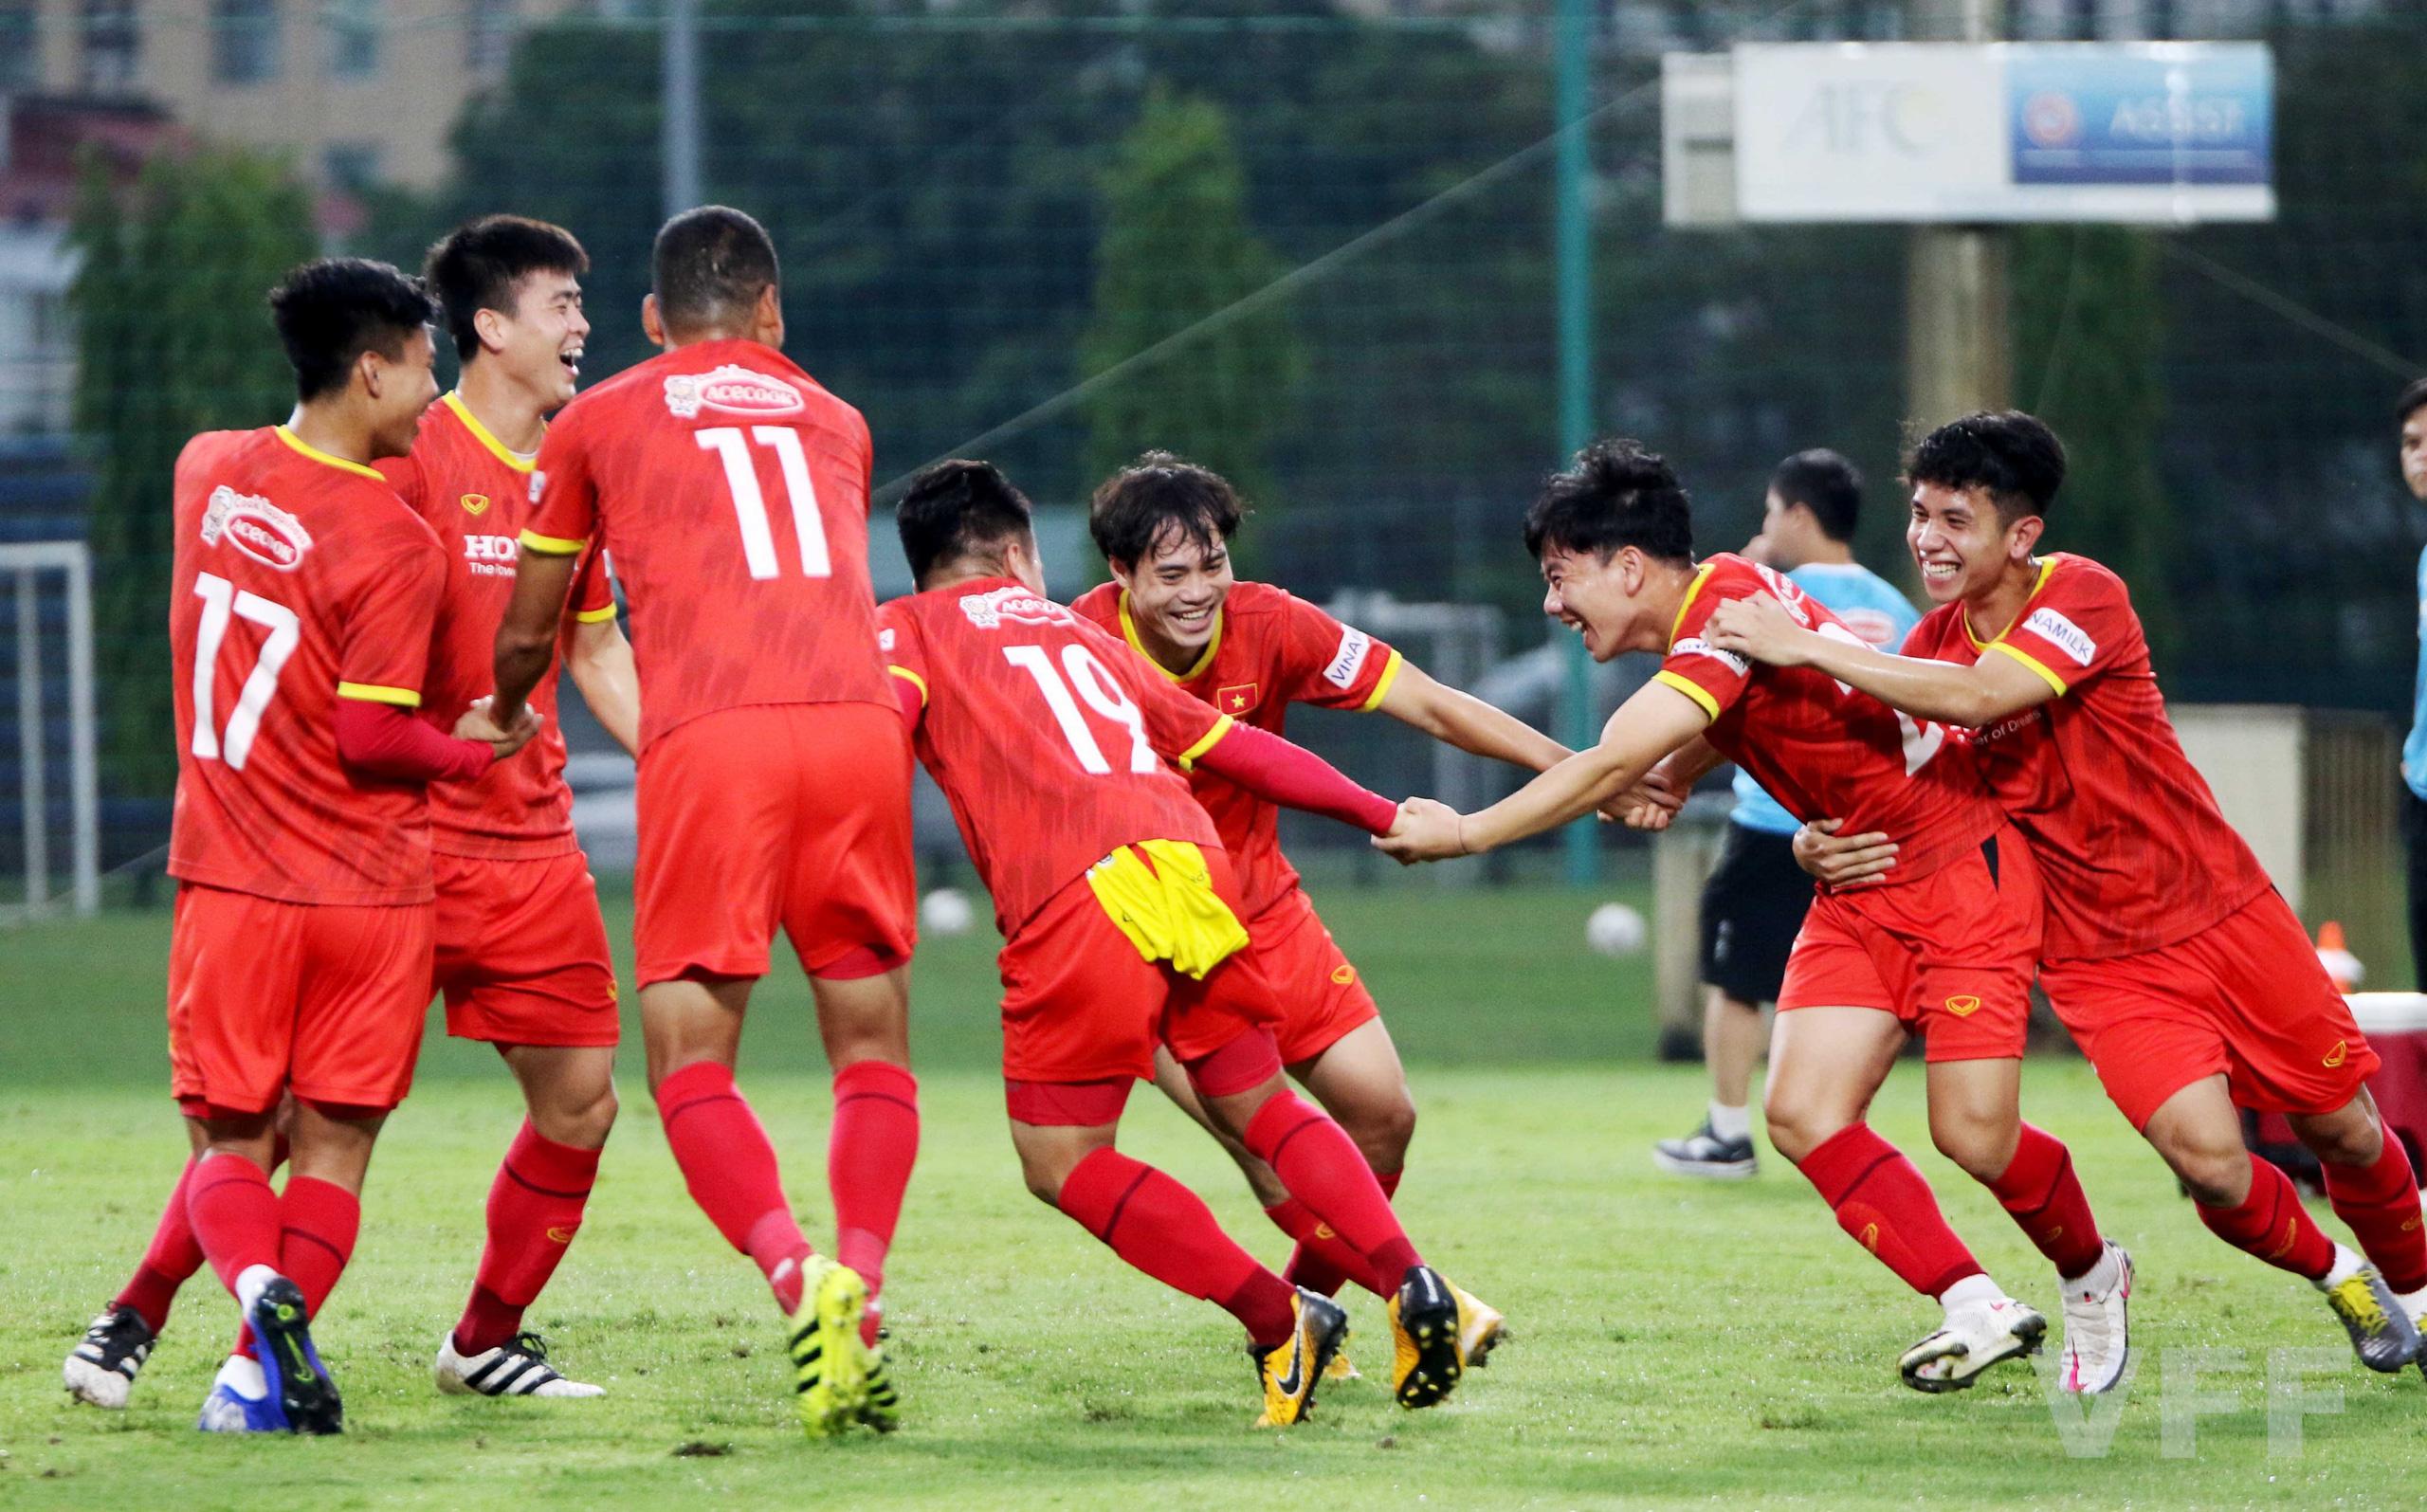 """HLV Park Hang-seo """"làm xiếc"""" với bóng khiến học trò ngỡ ngàng! - Ảnh 9."""